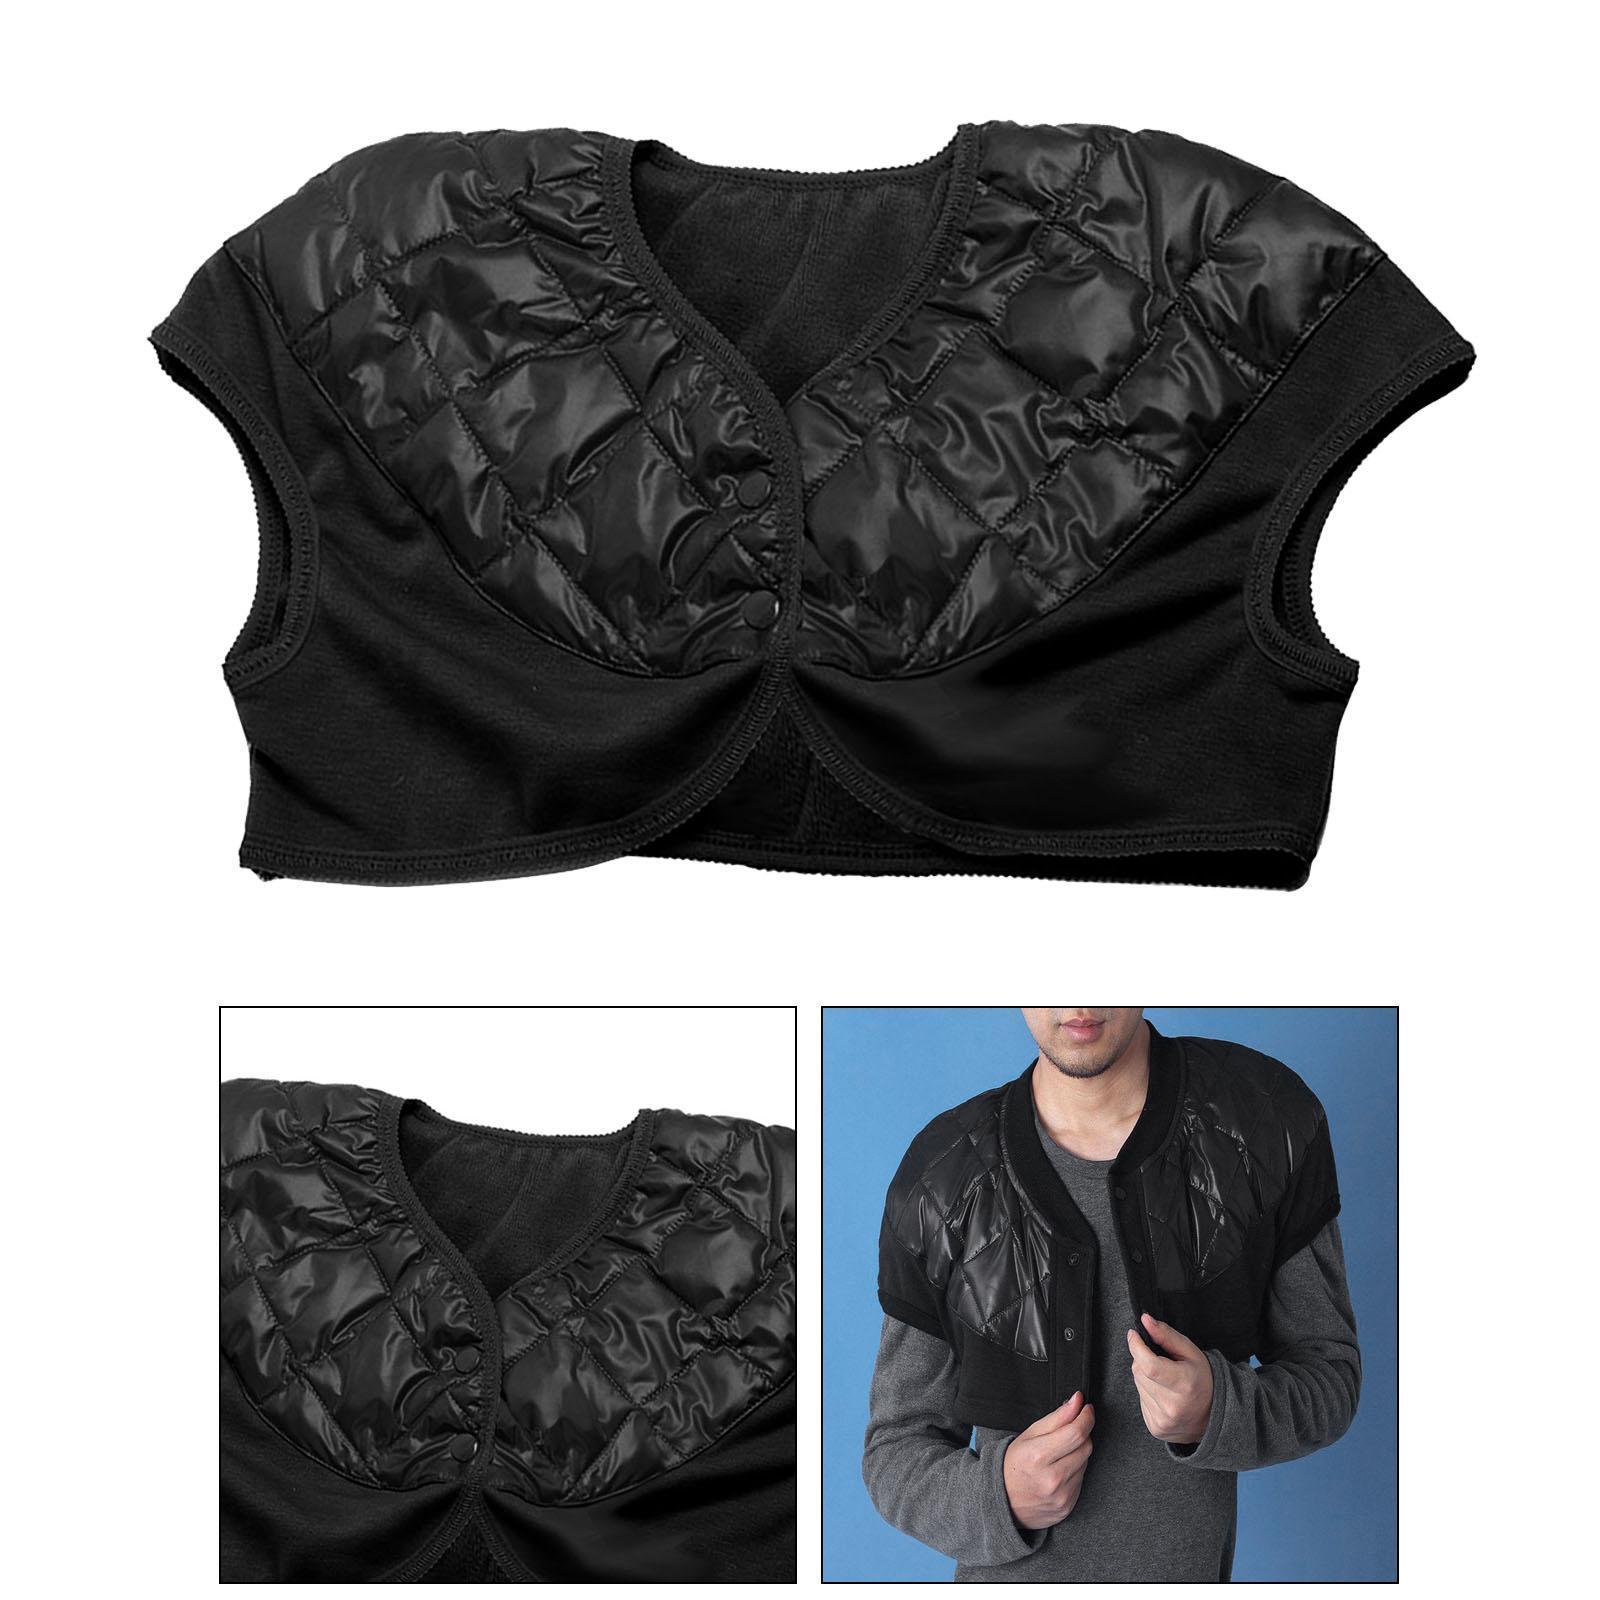 Femmes-Hommes-Down-Jacket-Chaud-Manteau-Court-Epaule-Chaud-Thermique-Wrap miniatura 42